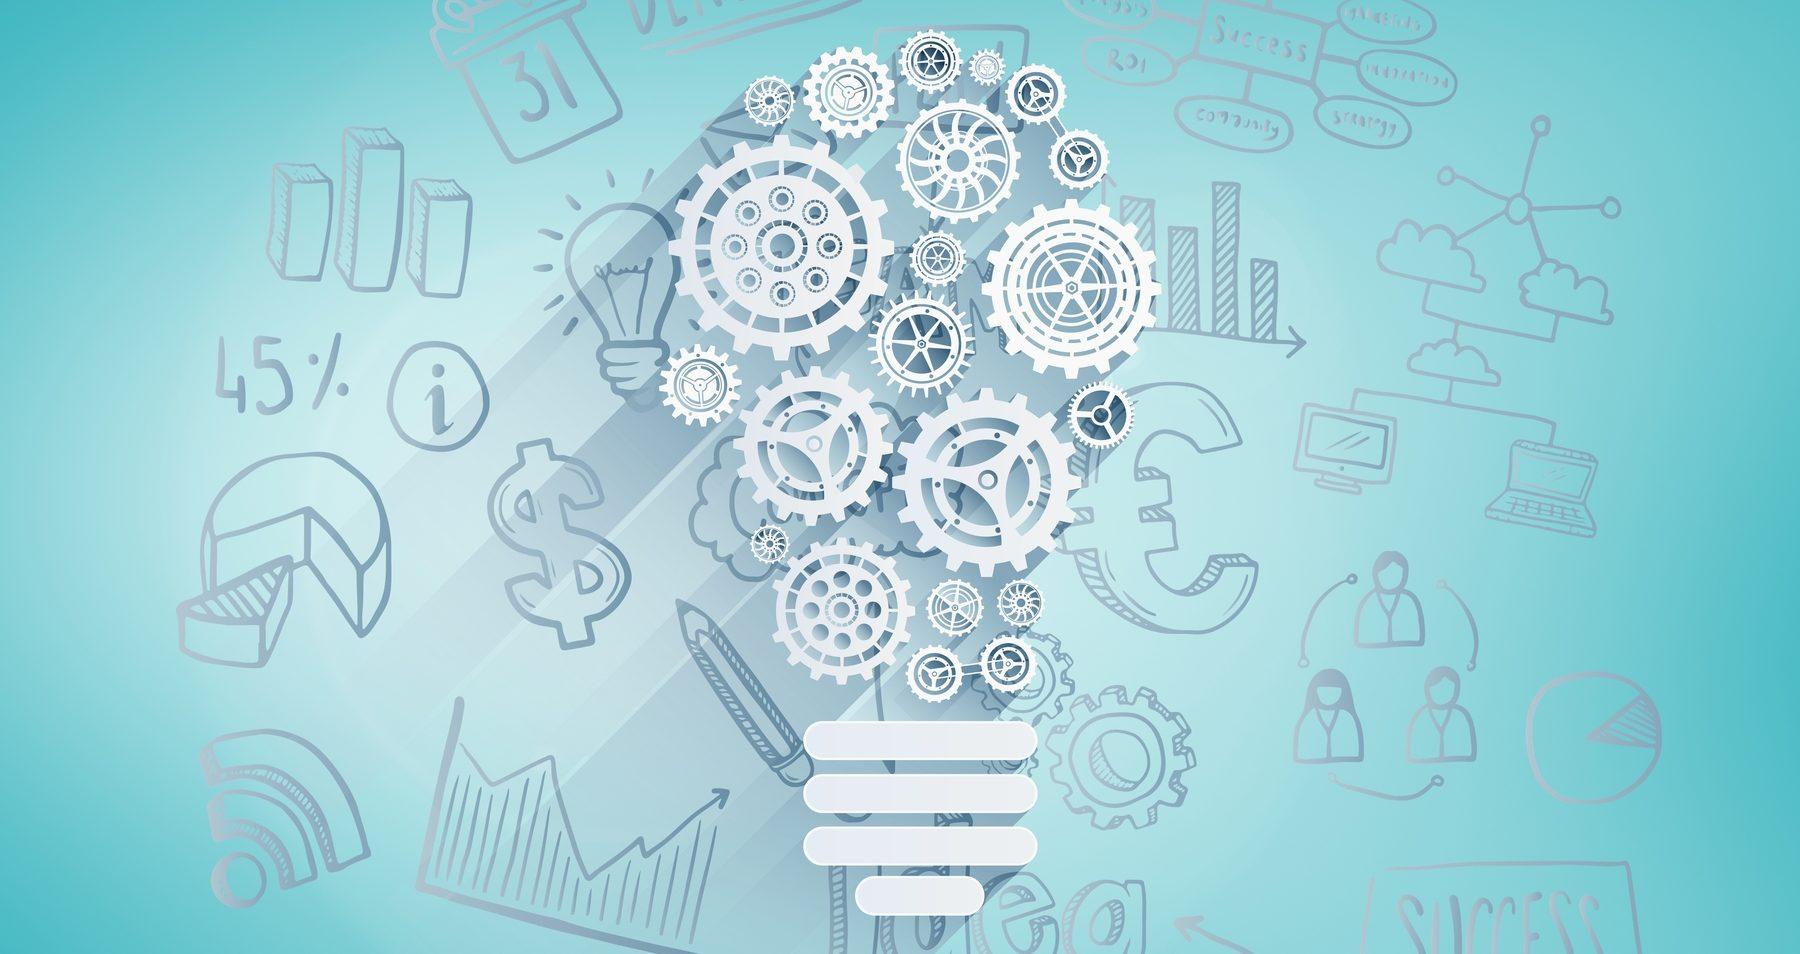 Tecnologia x Negócios: como alinhar os objetivos?